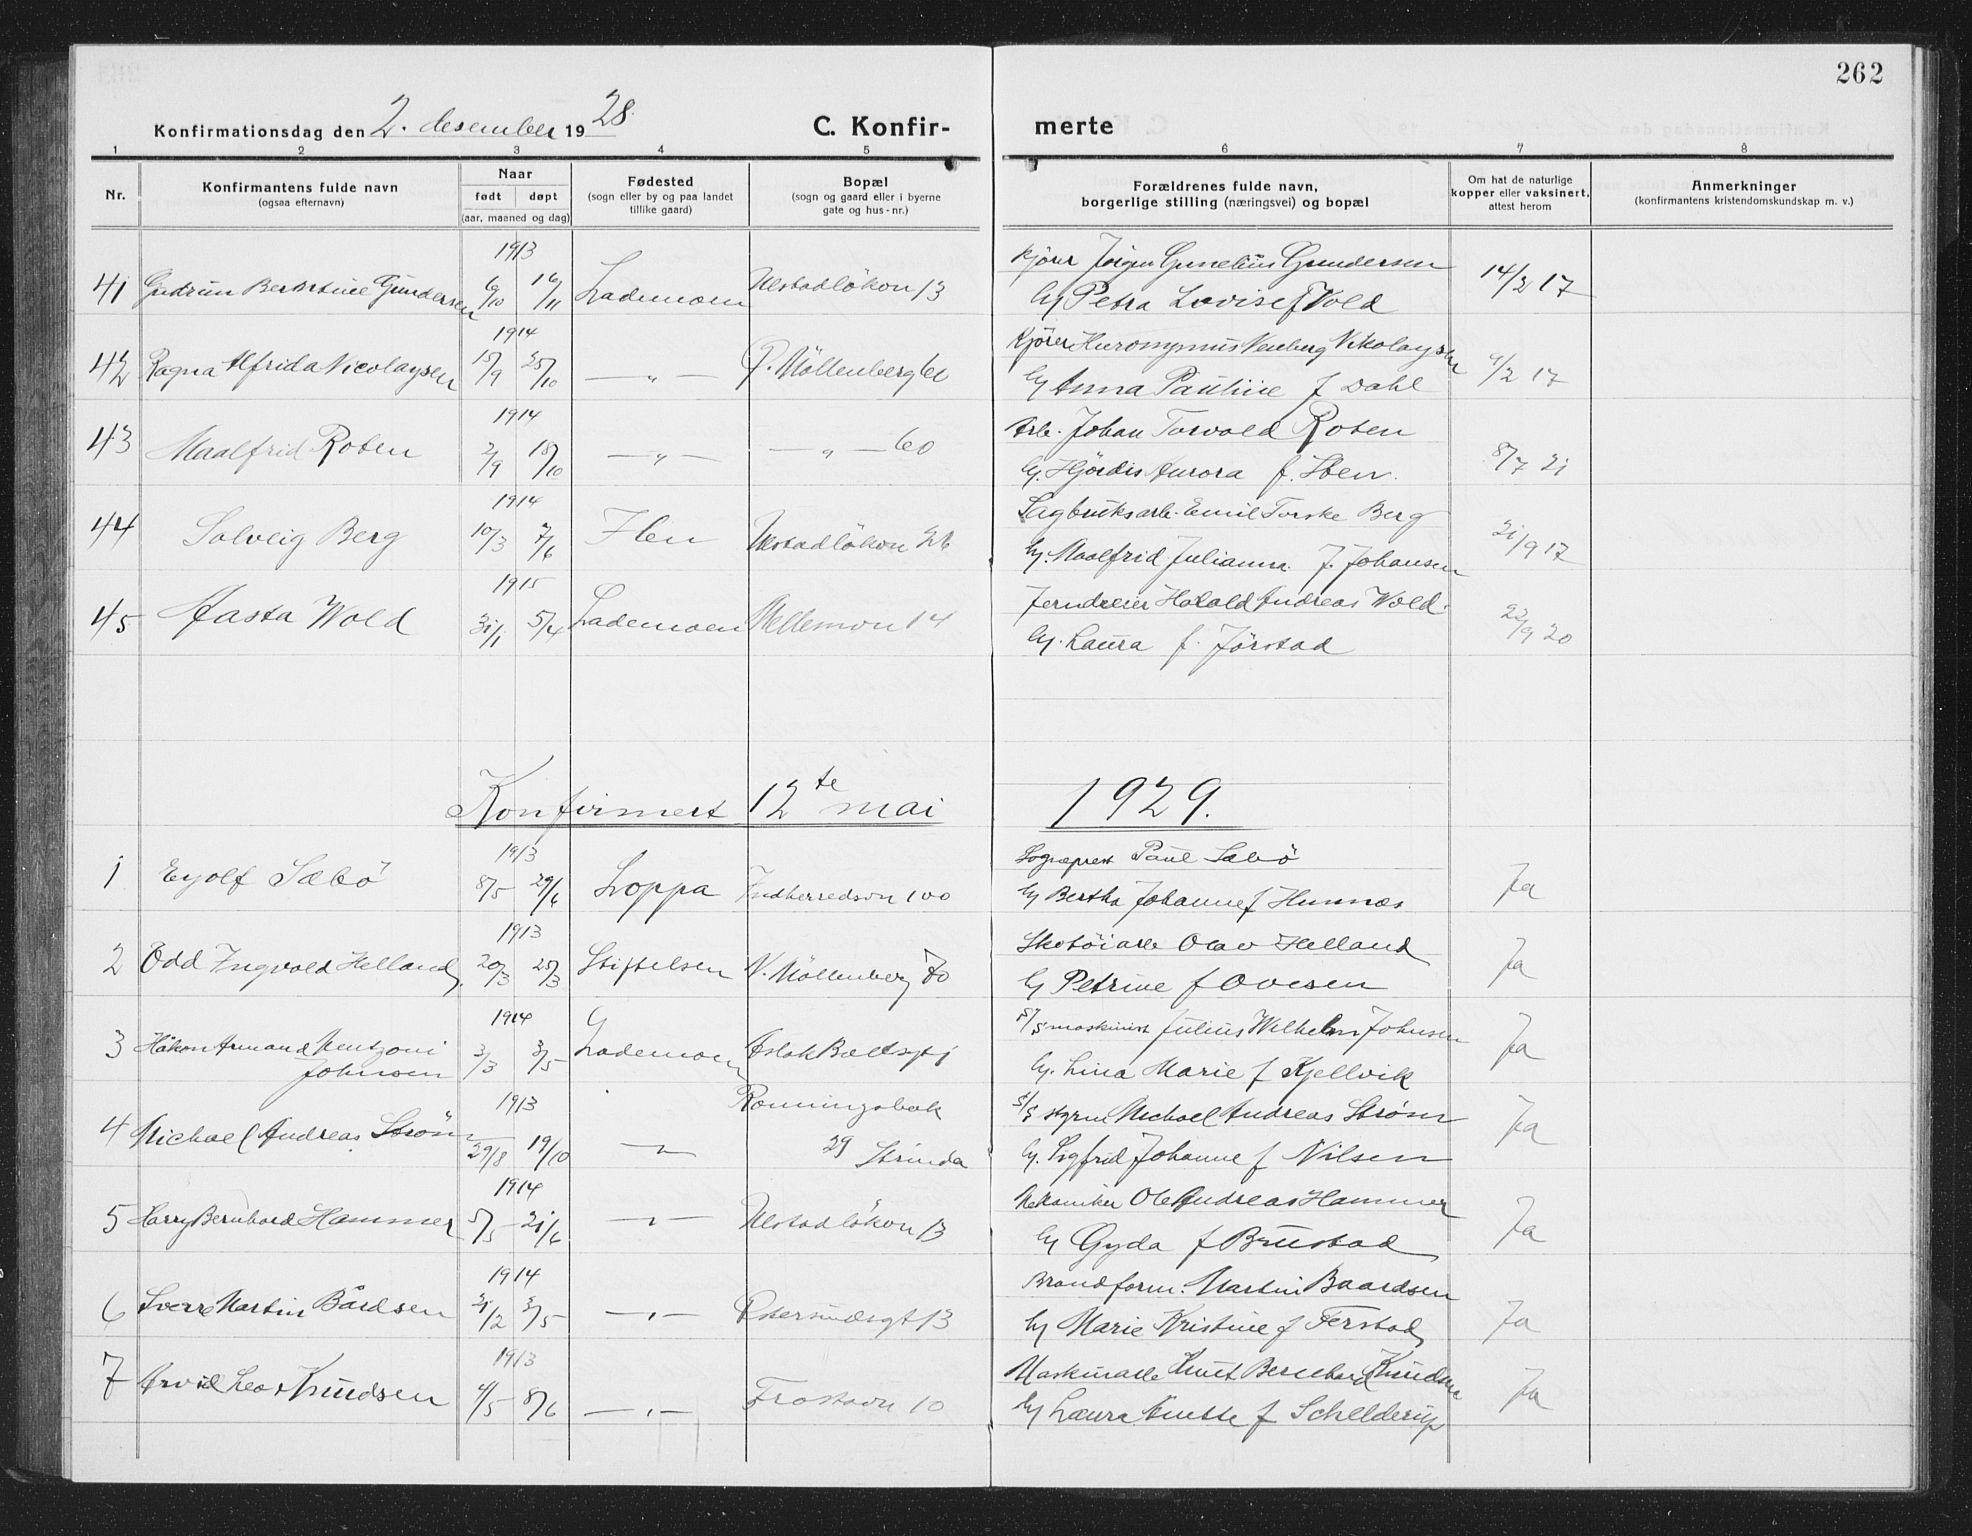 SAT, Ministerialprotokoller, klokkerbøker og fødselsregistre - Sør-Trøndelag, 605/L0258: Klokkerbok nr. 605C05, 1918-1930, s. 262